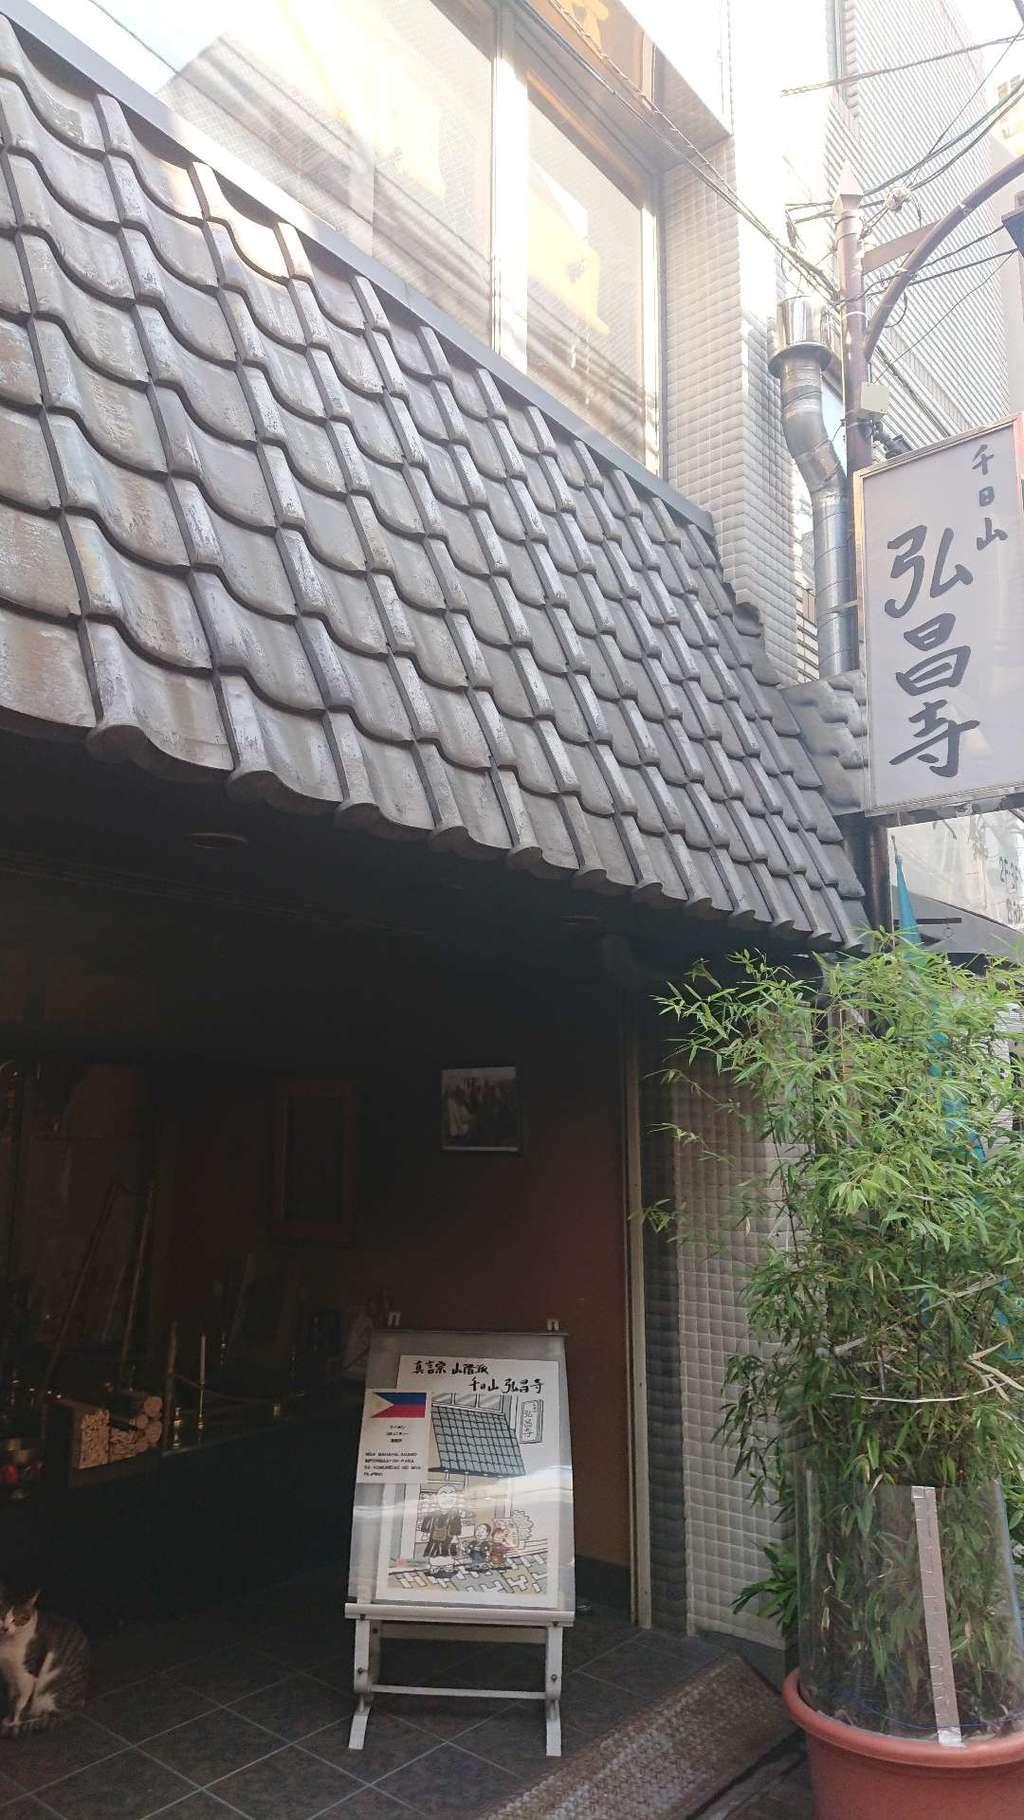 弘昌寺の本殿